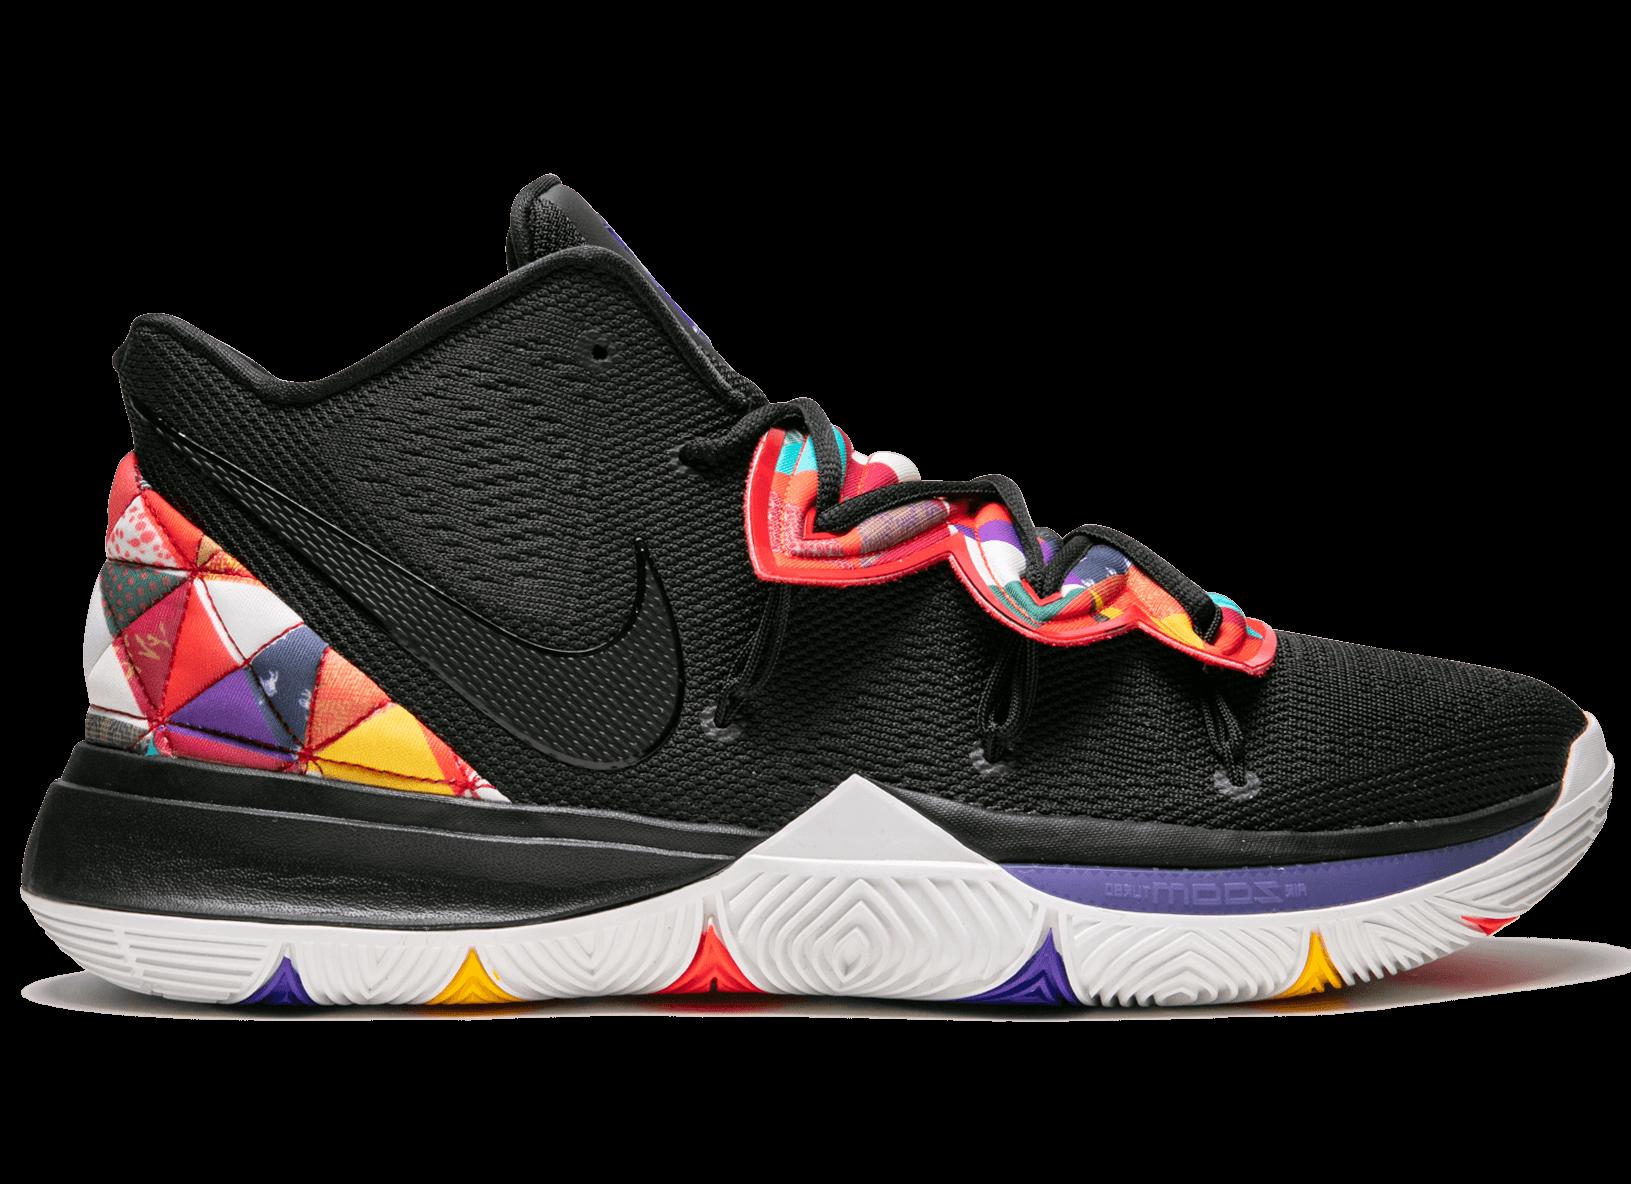 86cca20a5a37 On Sale  Nike Kyrie 5